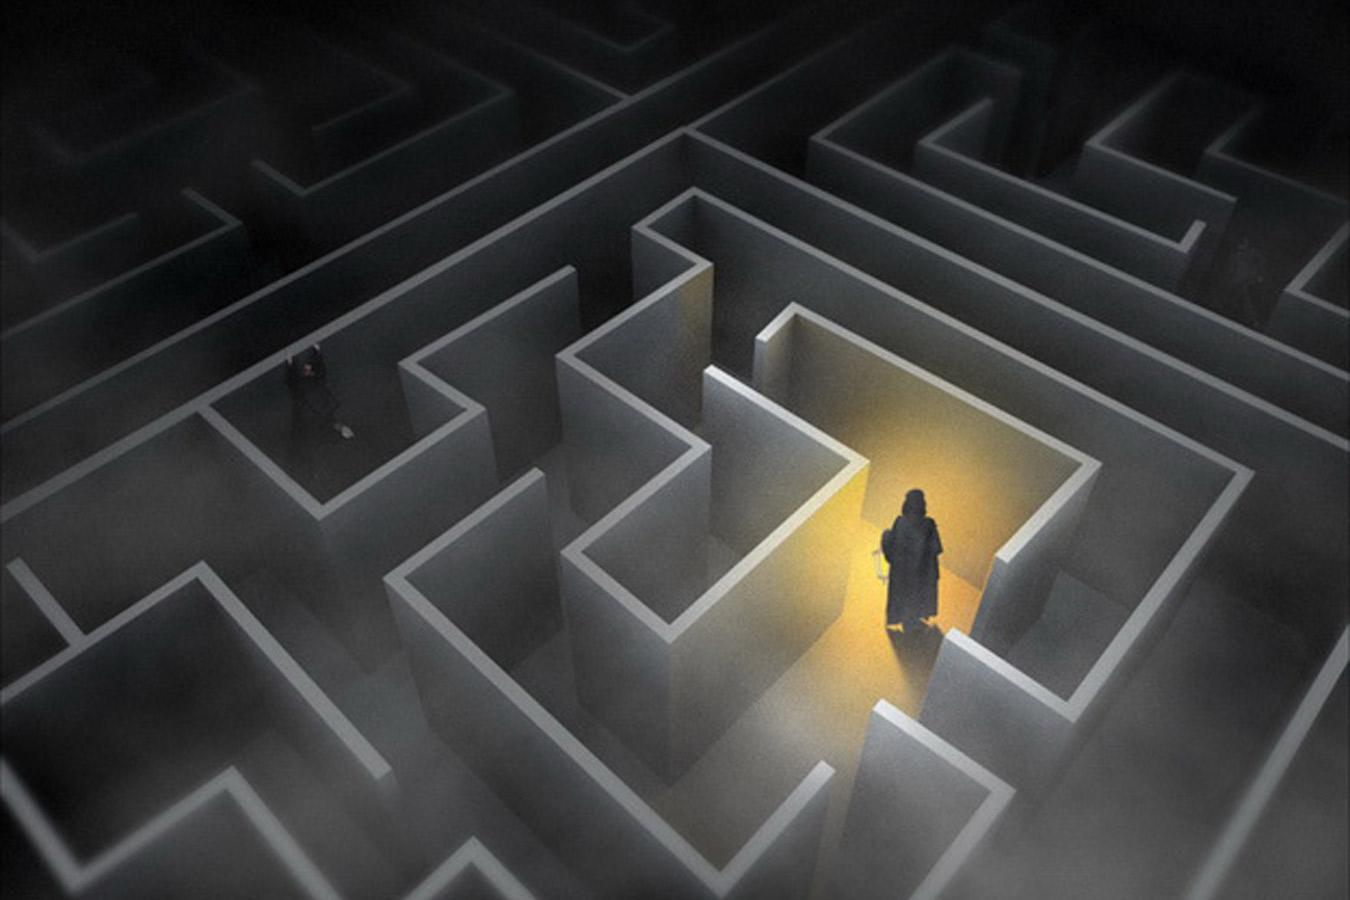 Запутался в жизни. запутался в себе. запуталась в себе. как распутаться. всё сложно.